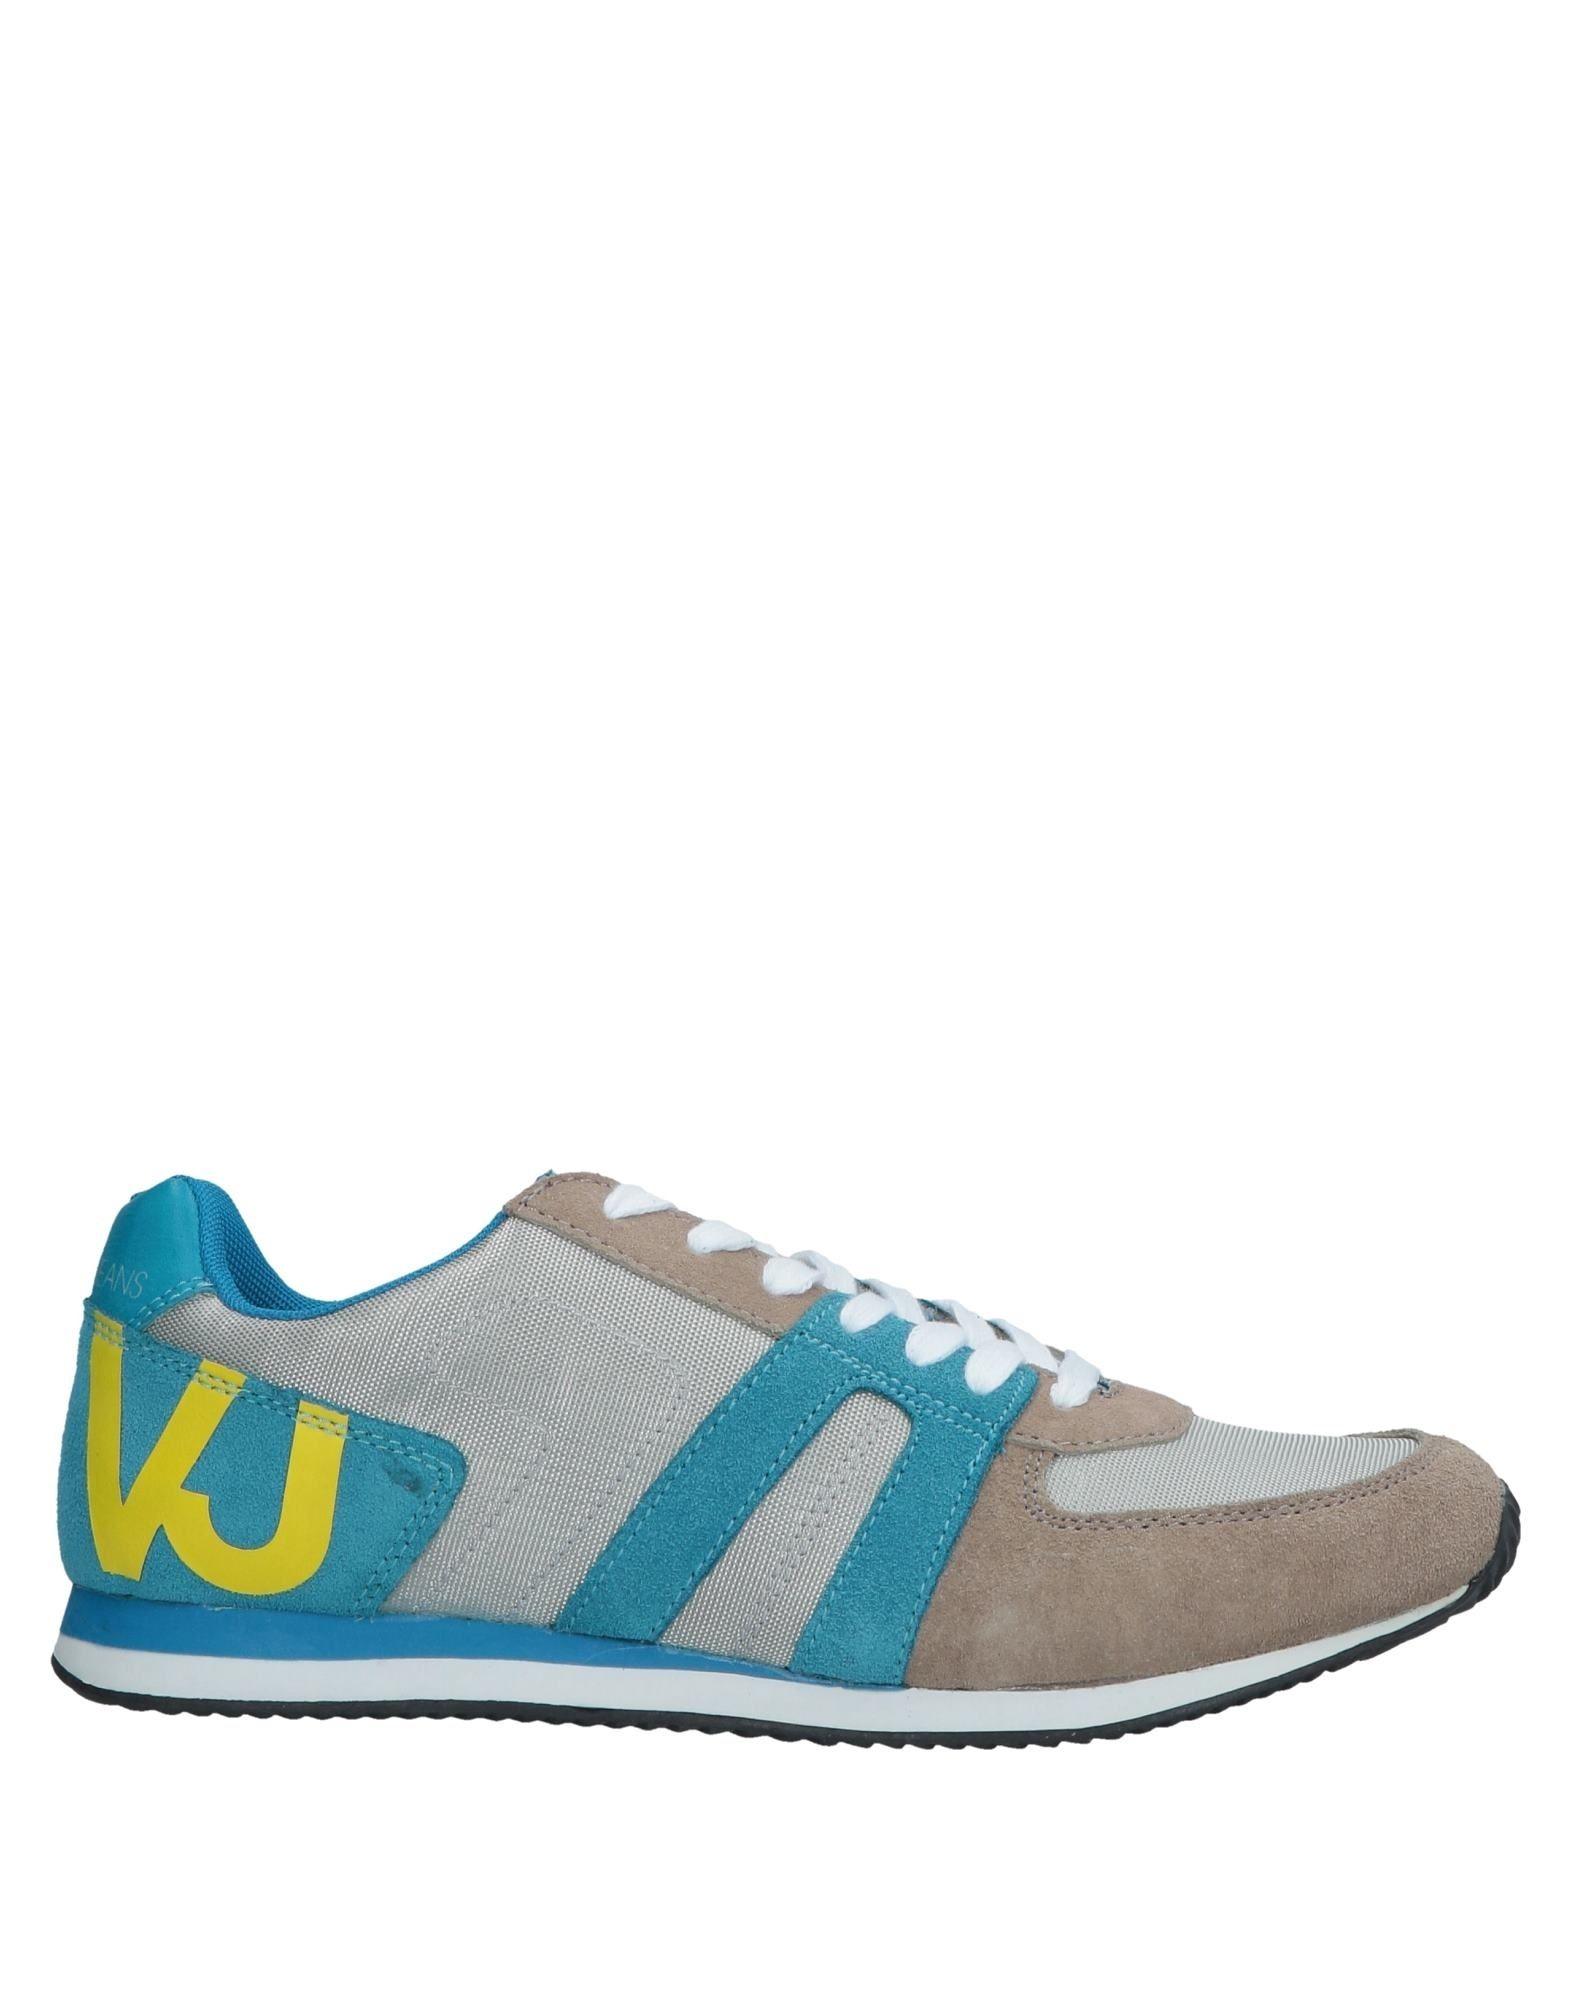 Rabatt Jeans echte Schuhe Versace Jeans Rabatt Sneakers Herren  11550293LW 67161d